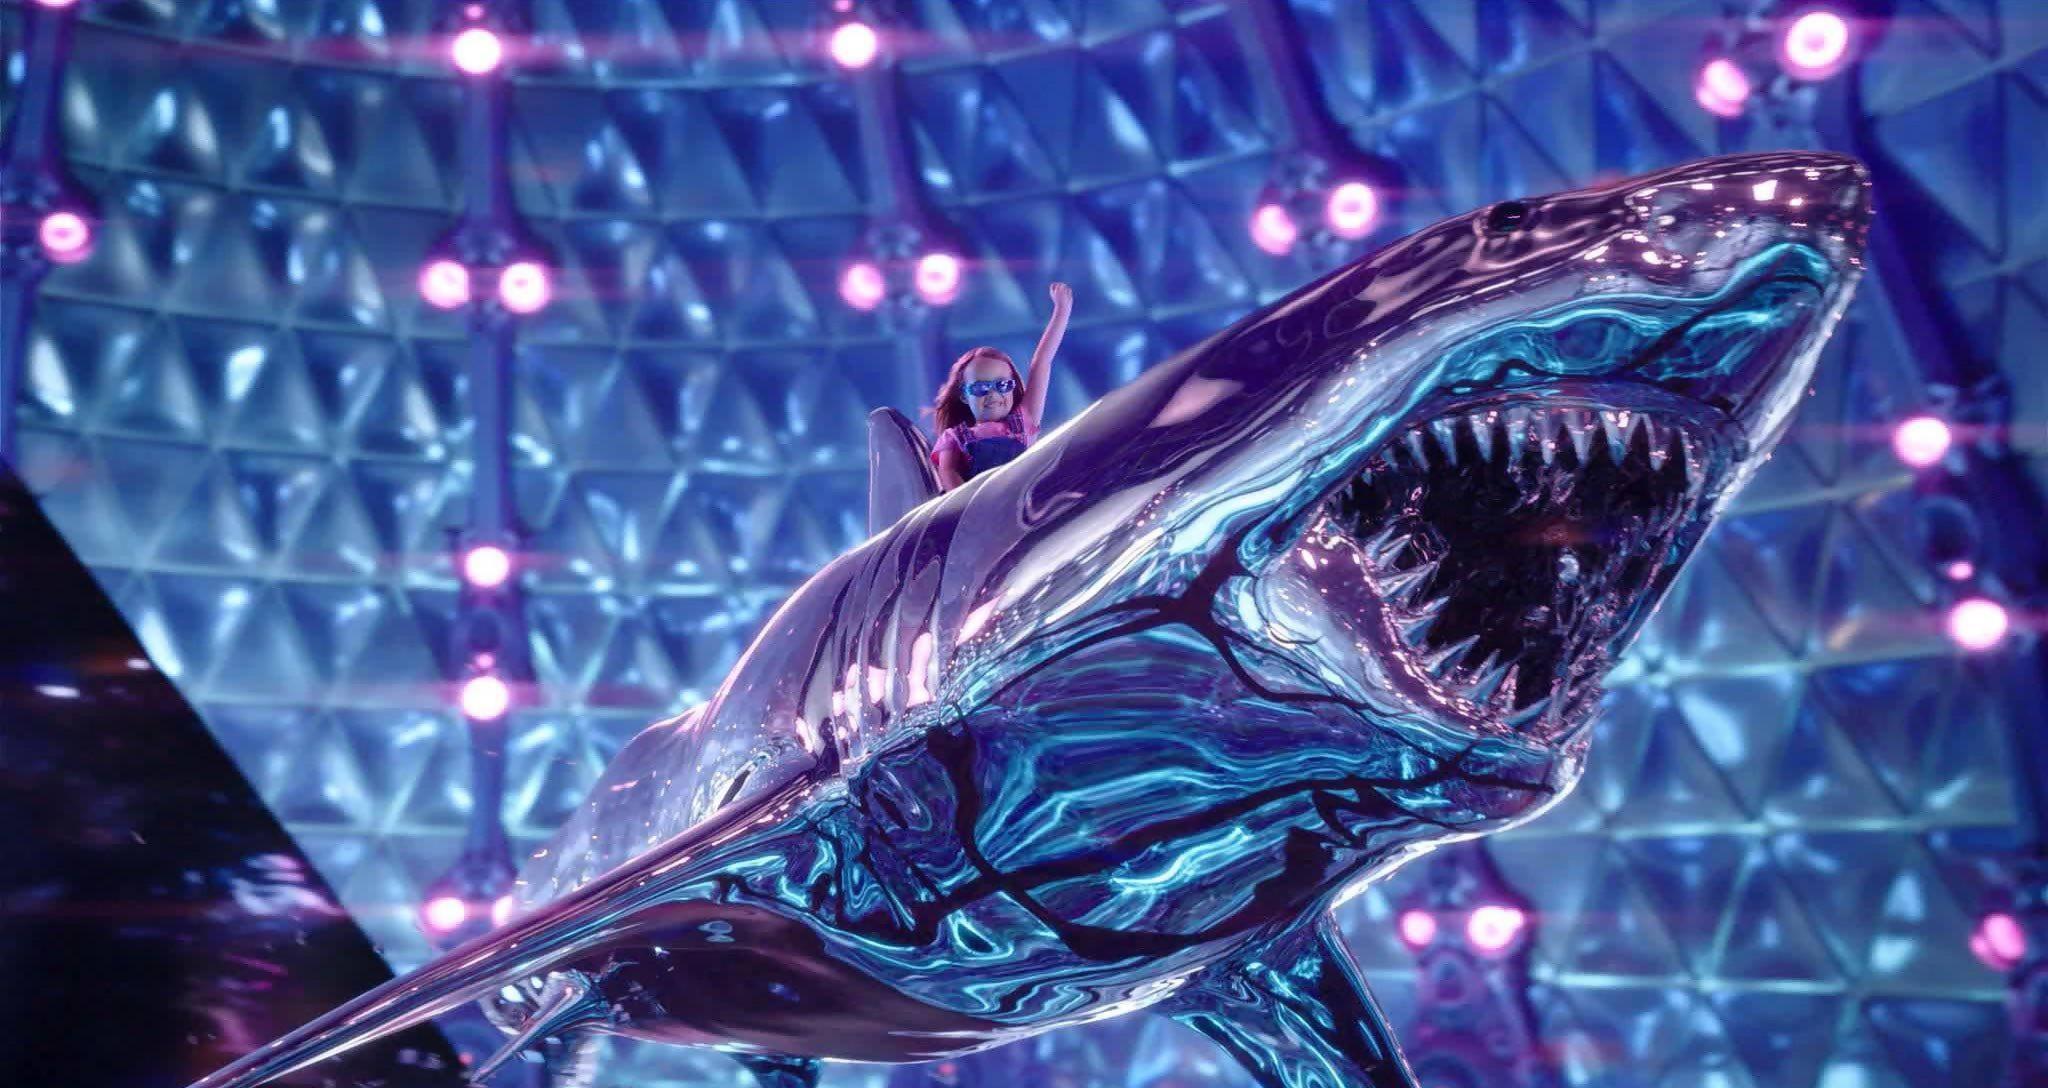 Après Alita, Robert Rodriguez retrouve Sharkboy et Lavagirl pour Netflix (bande-annonce)